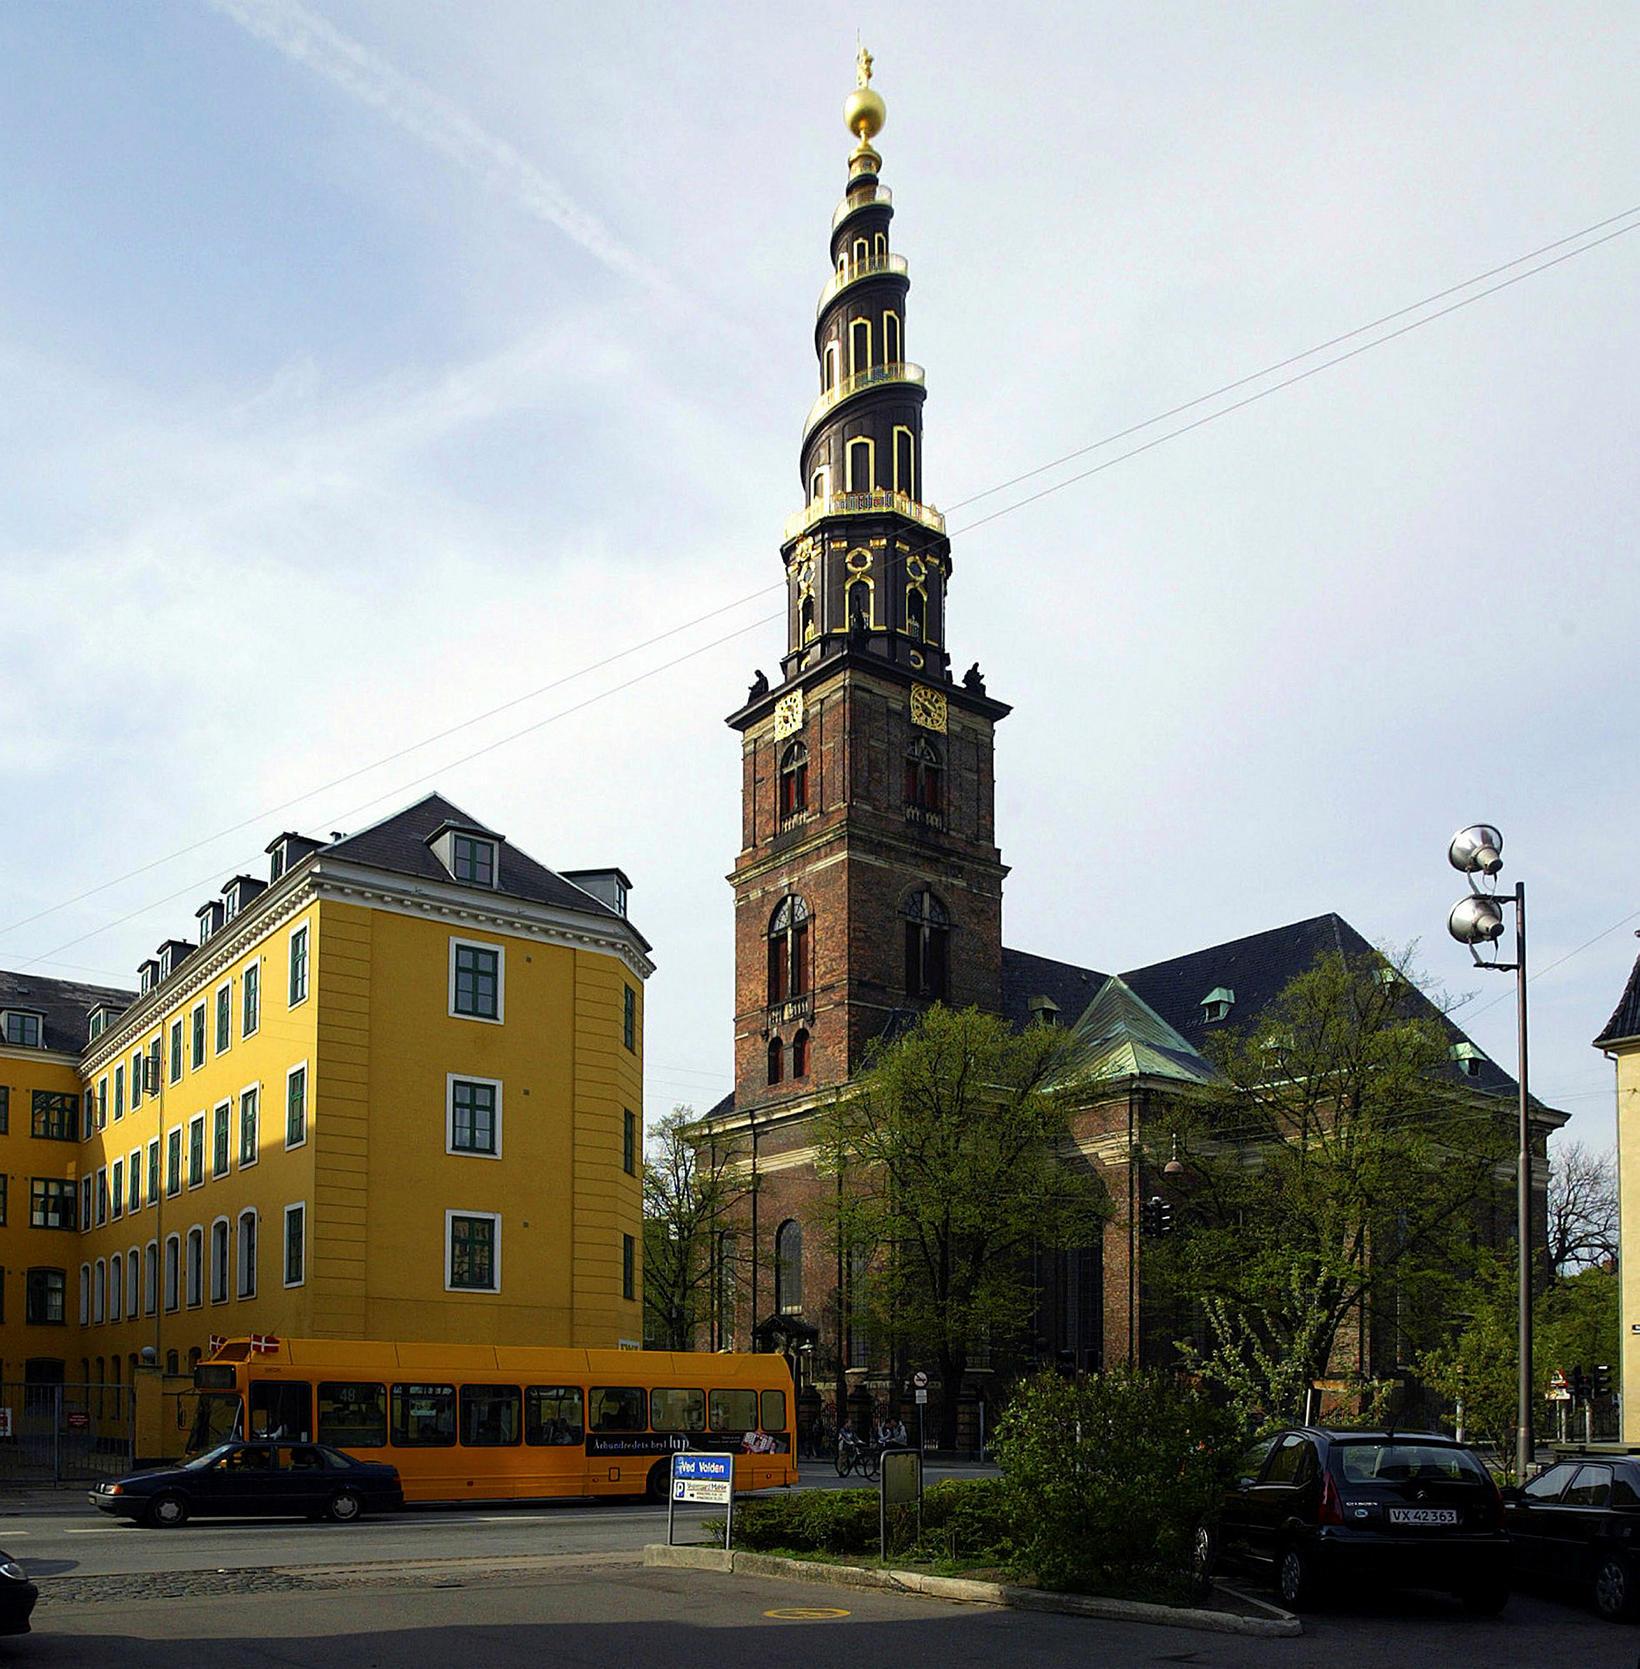 Turninn á Vor Frelsers Kirke er eitt helsta kennileyti Kriskjánshafnar.